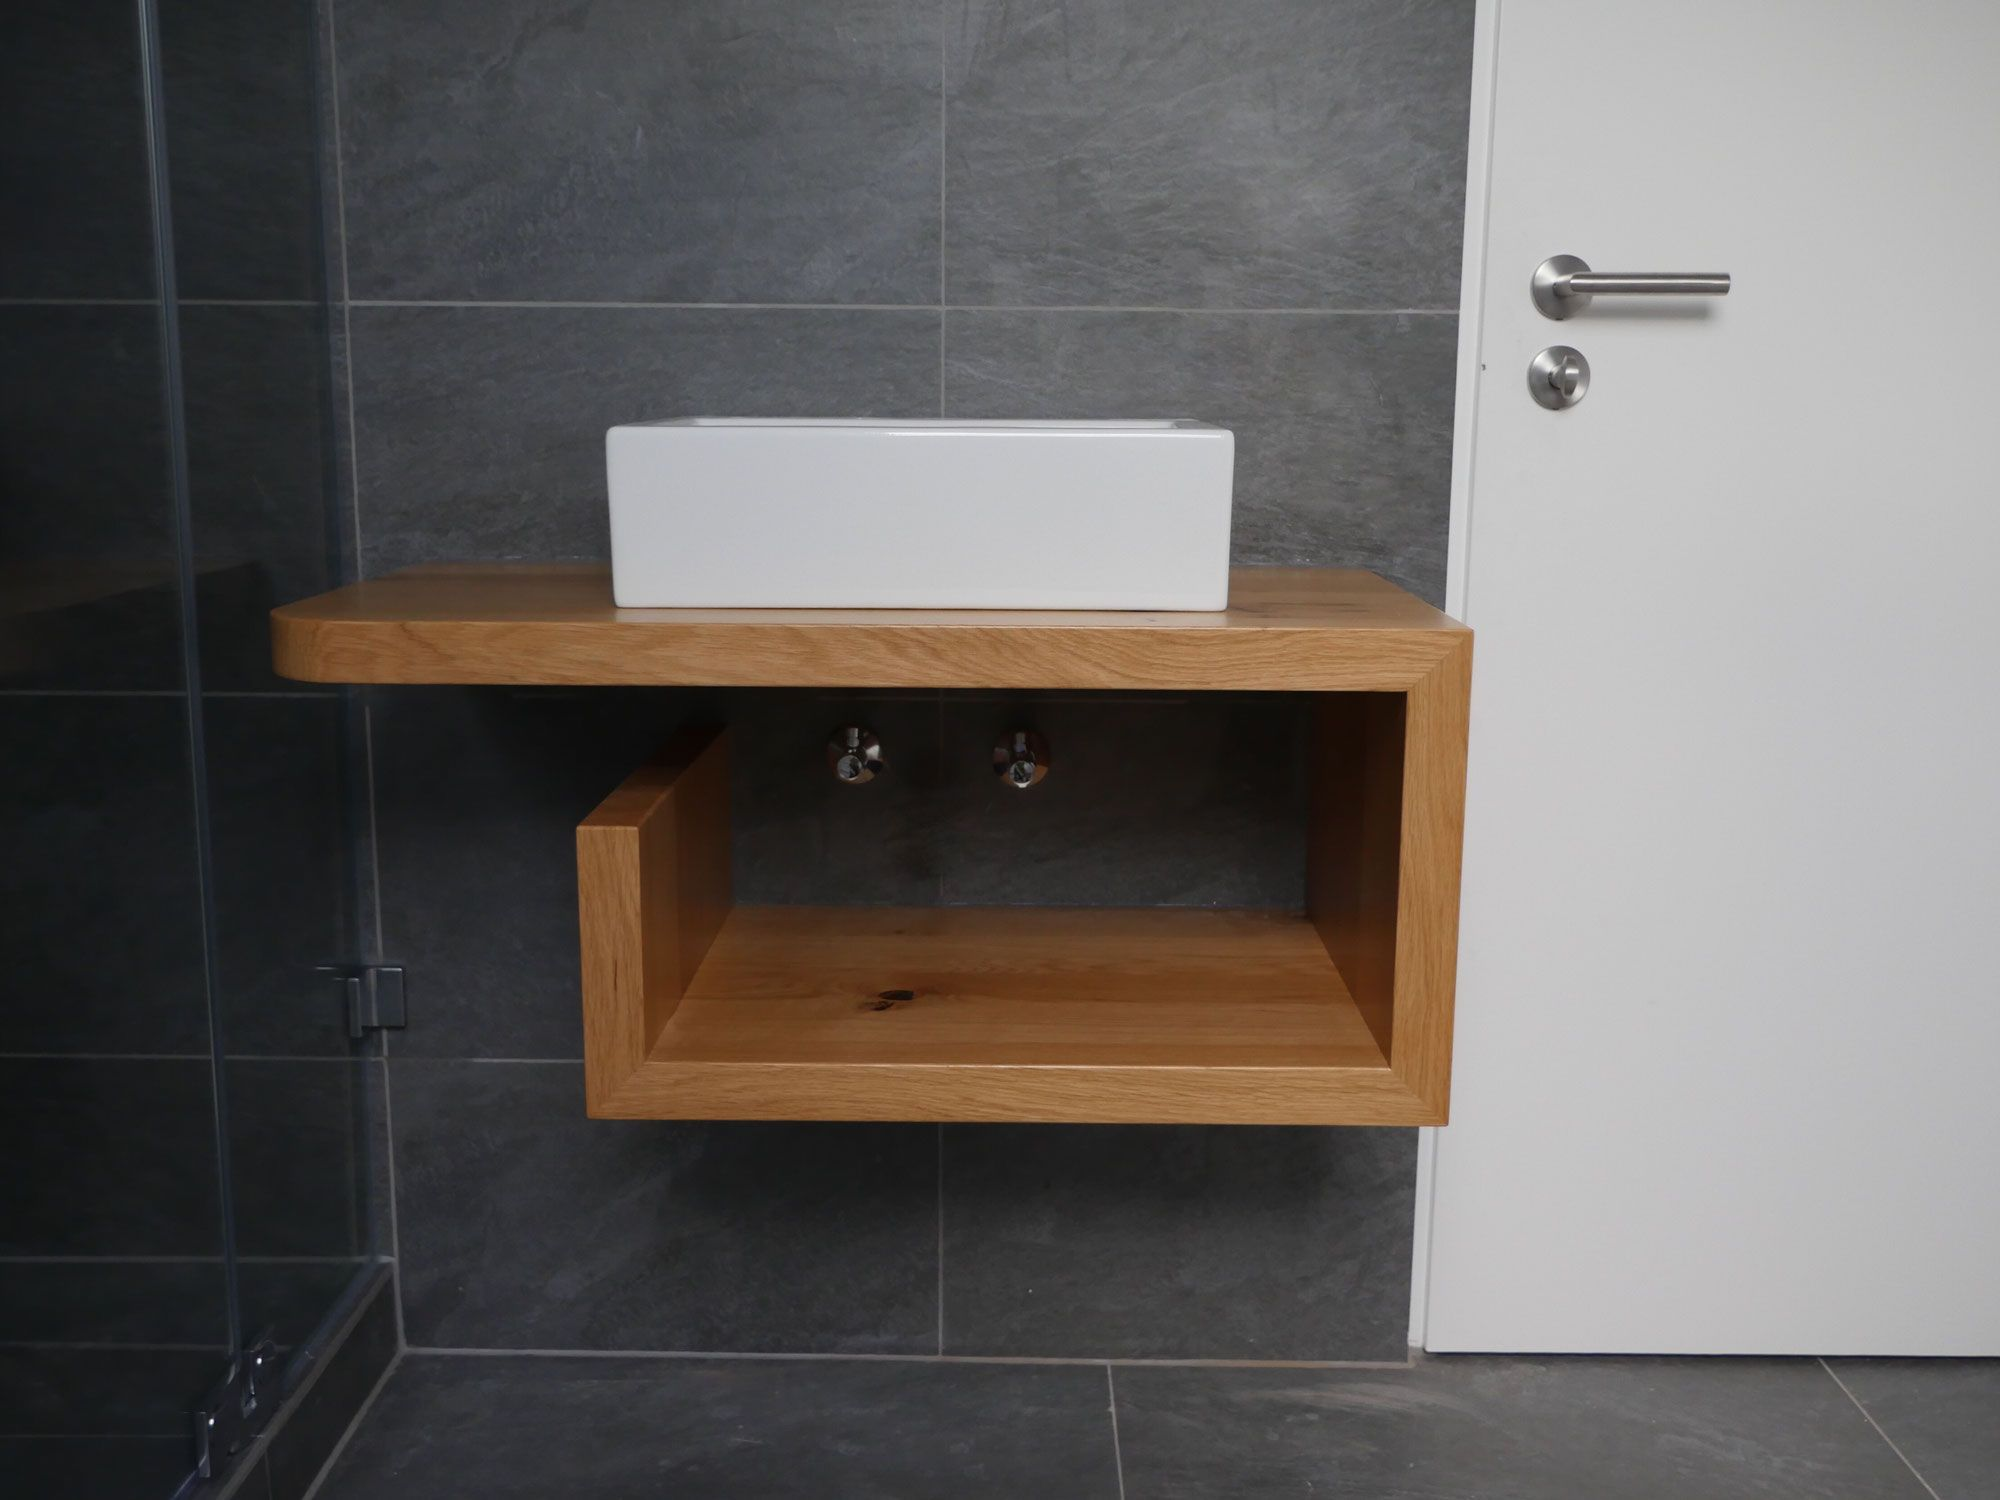 Mit dieser Waschtischkonsole in Eiche wird Ihr kleines Bad zum ganz großen Star! Schreinerei Holzdesign Rapp für Stars & Sternchen, überzeugen Sie sich! #zimmerkleineinrichten